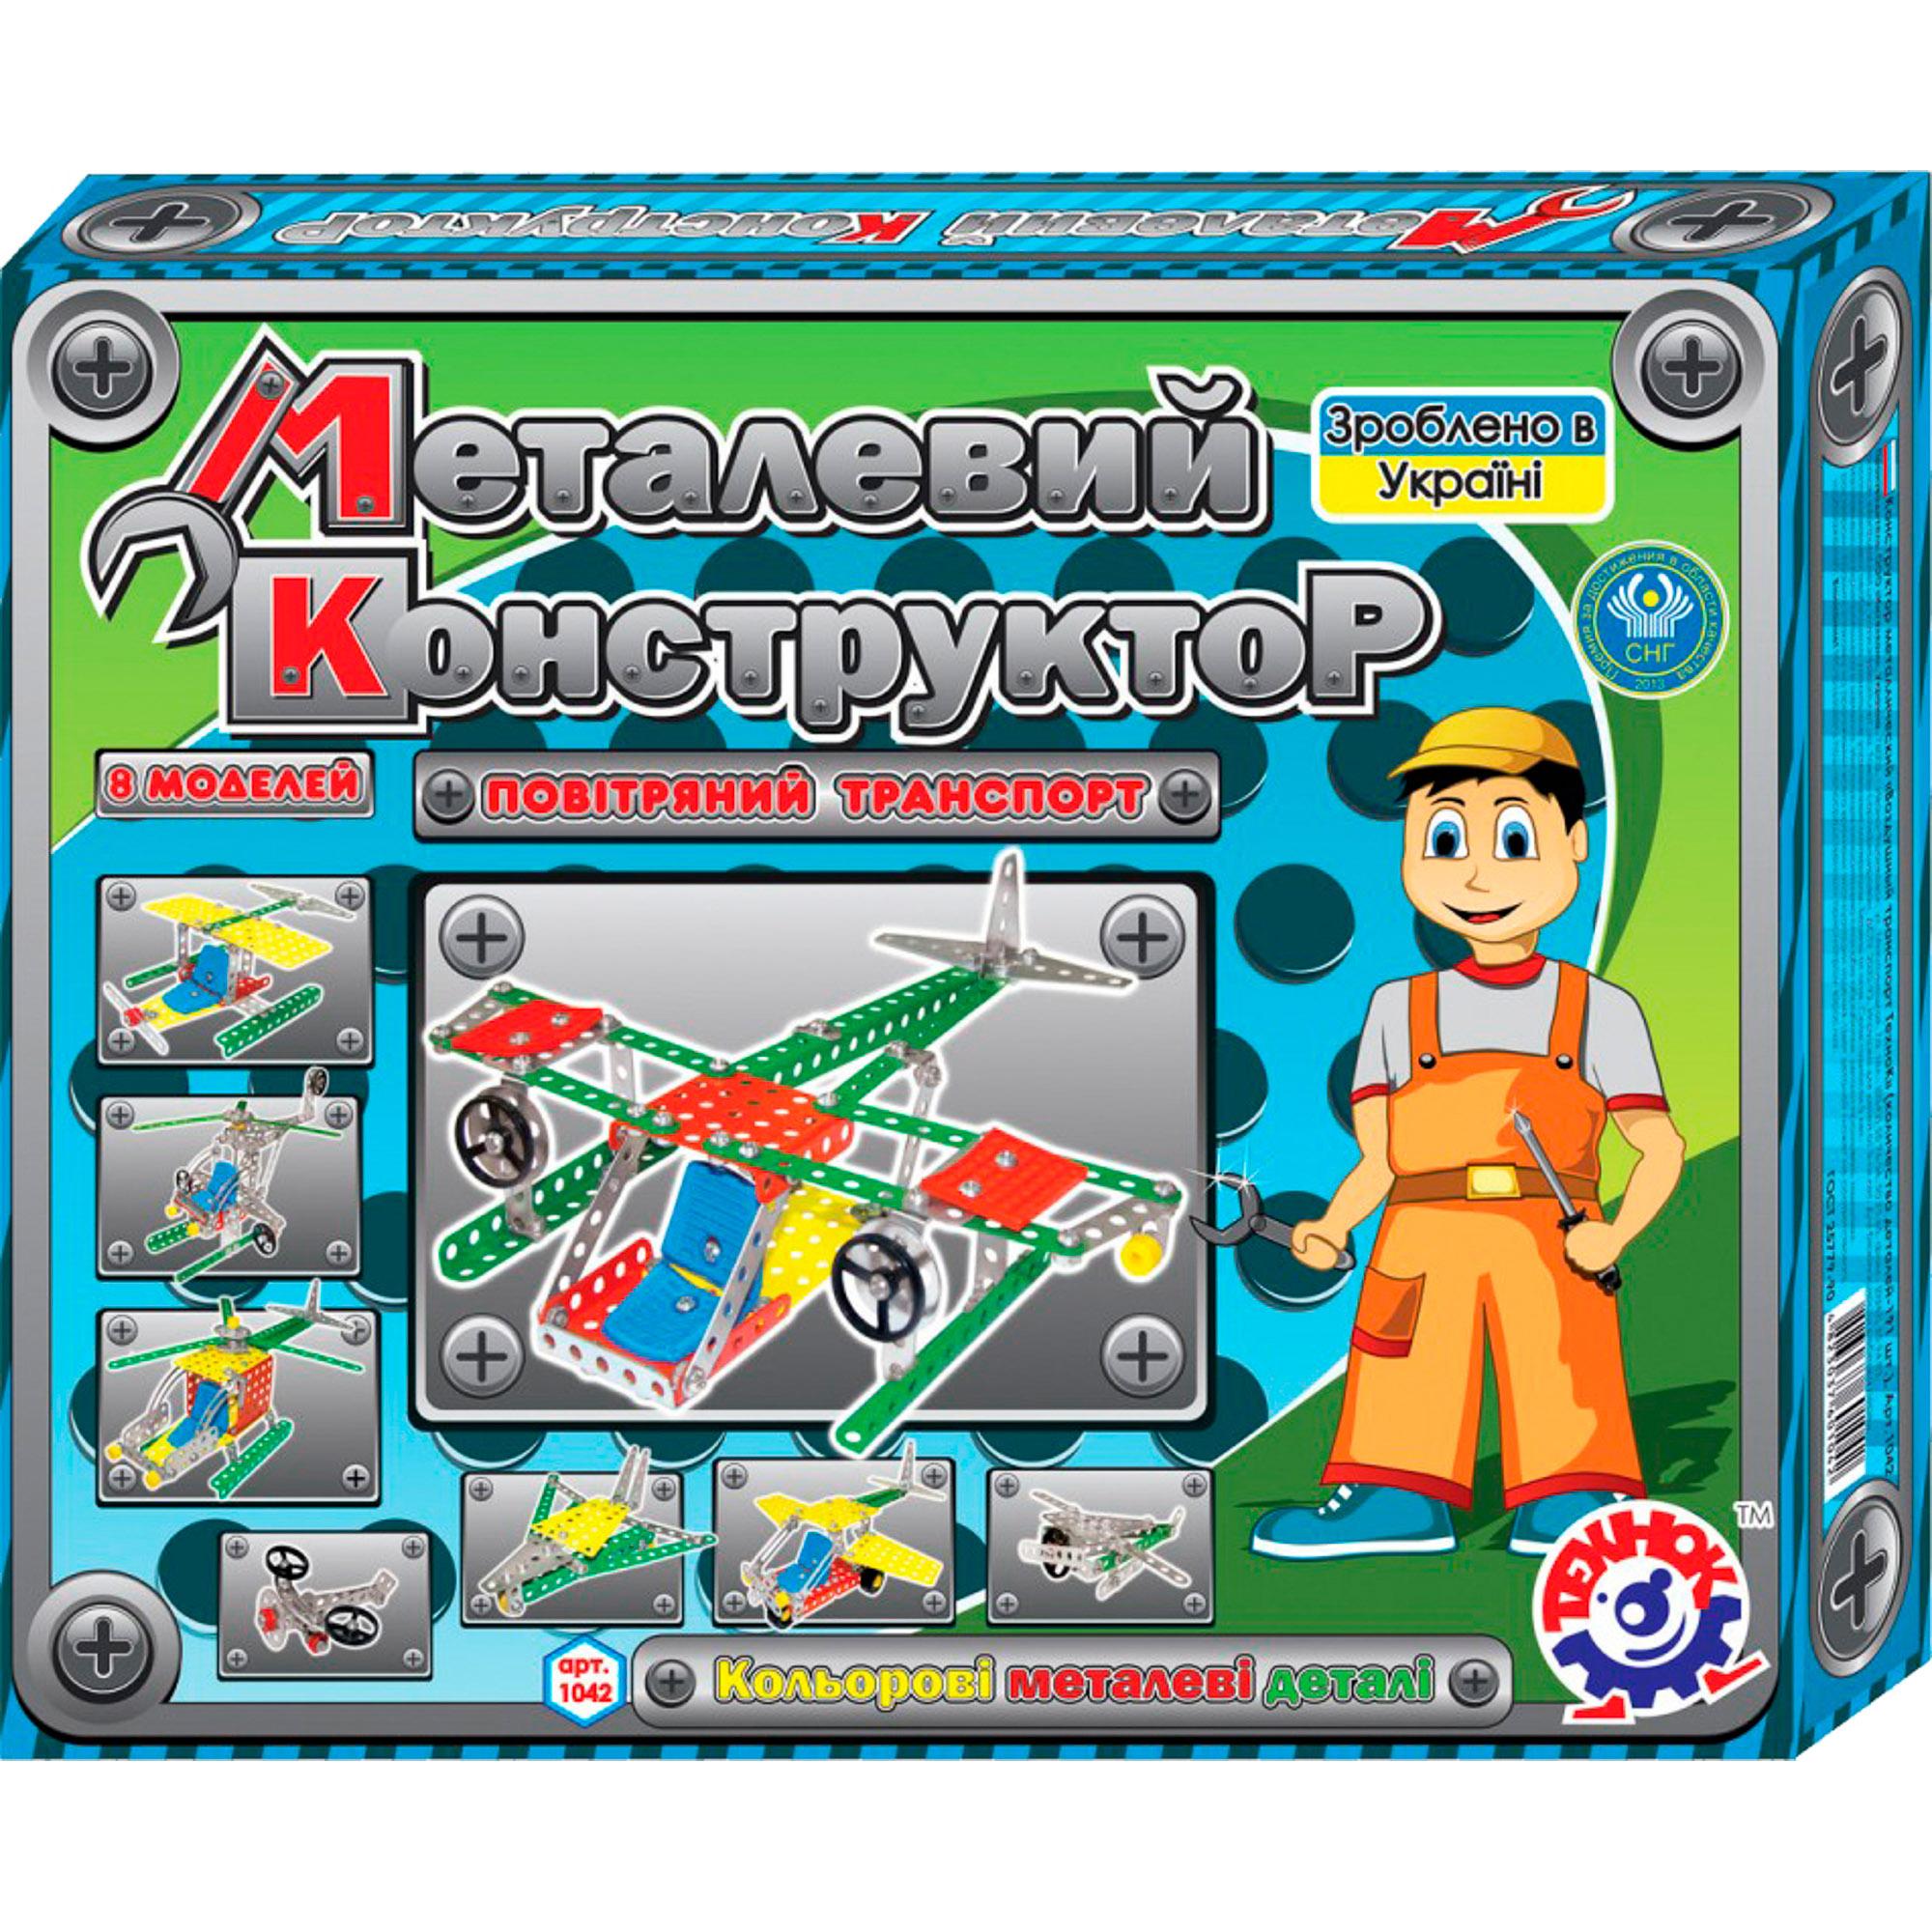 Конструктор Tehnok Воздушный транспорт фото